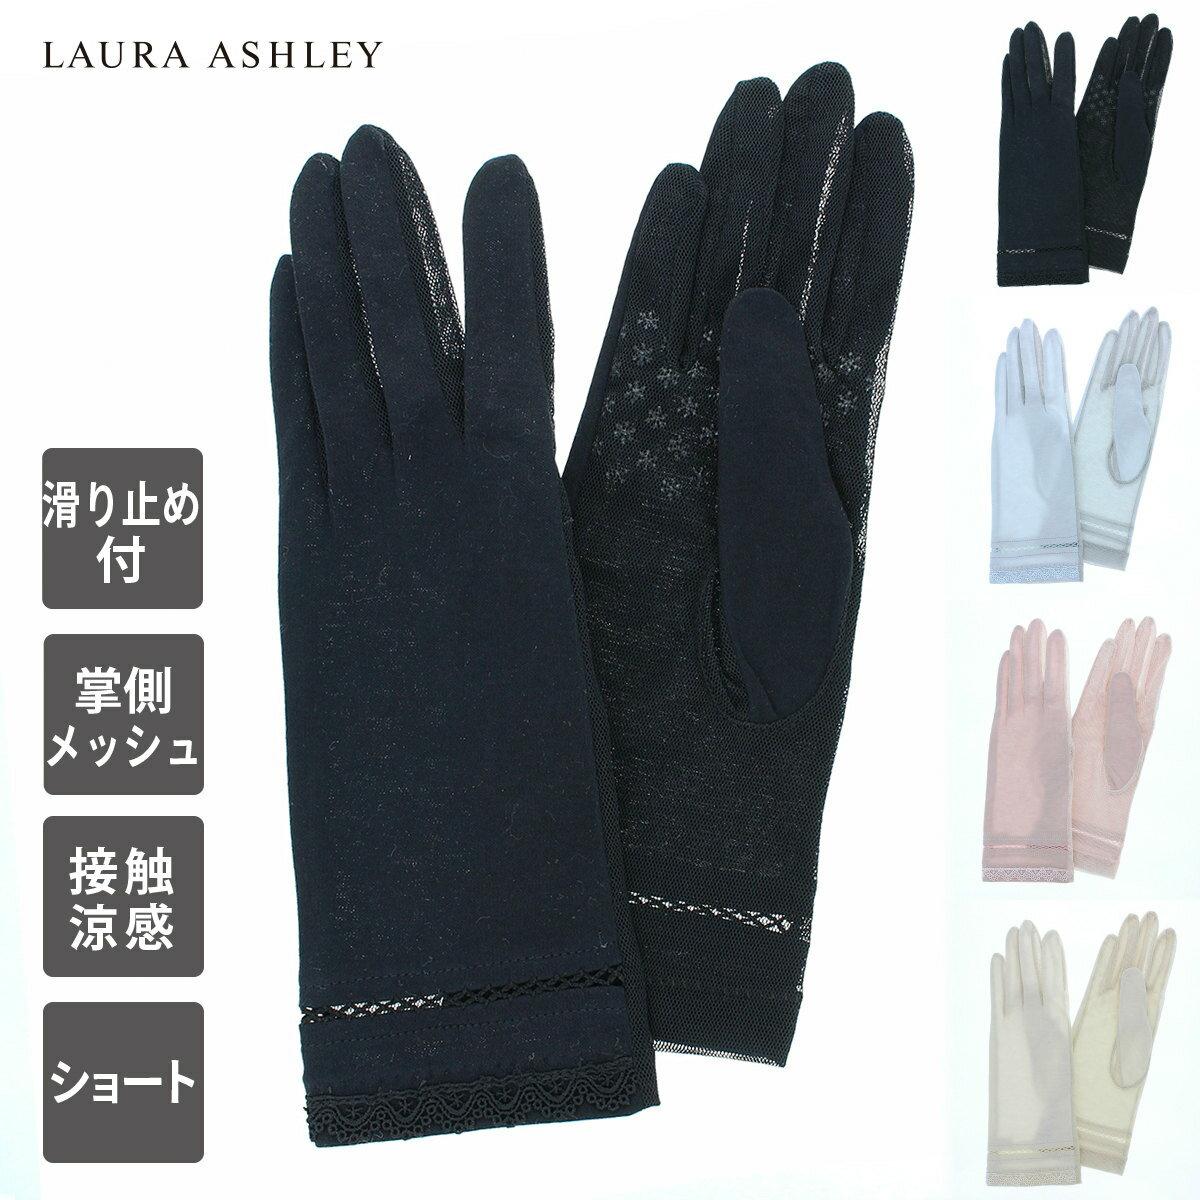 ローラ アシュレイ 五本指 UVカット UV手袋   てぶくろ ギフト プレゼント 25cm ショート丈 保湿 ひんやり触感 おしゃれ 通勤 通学